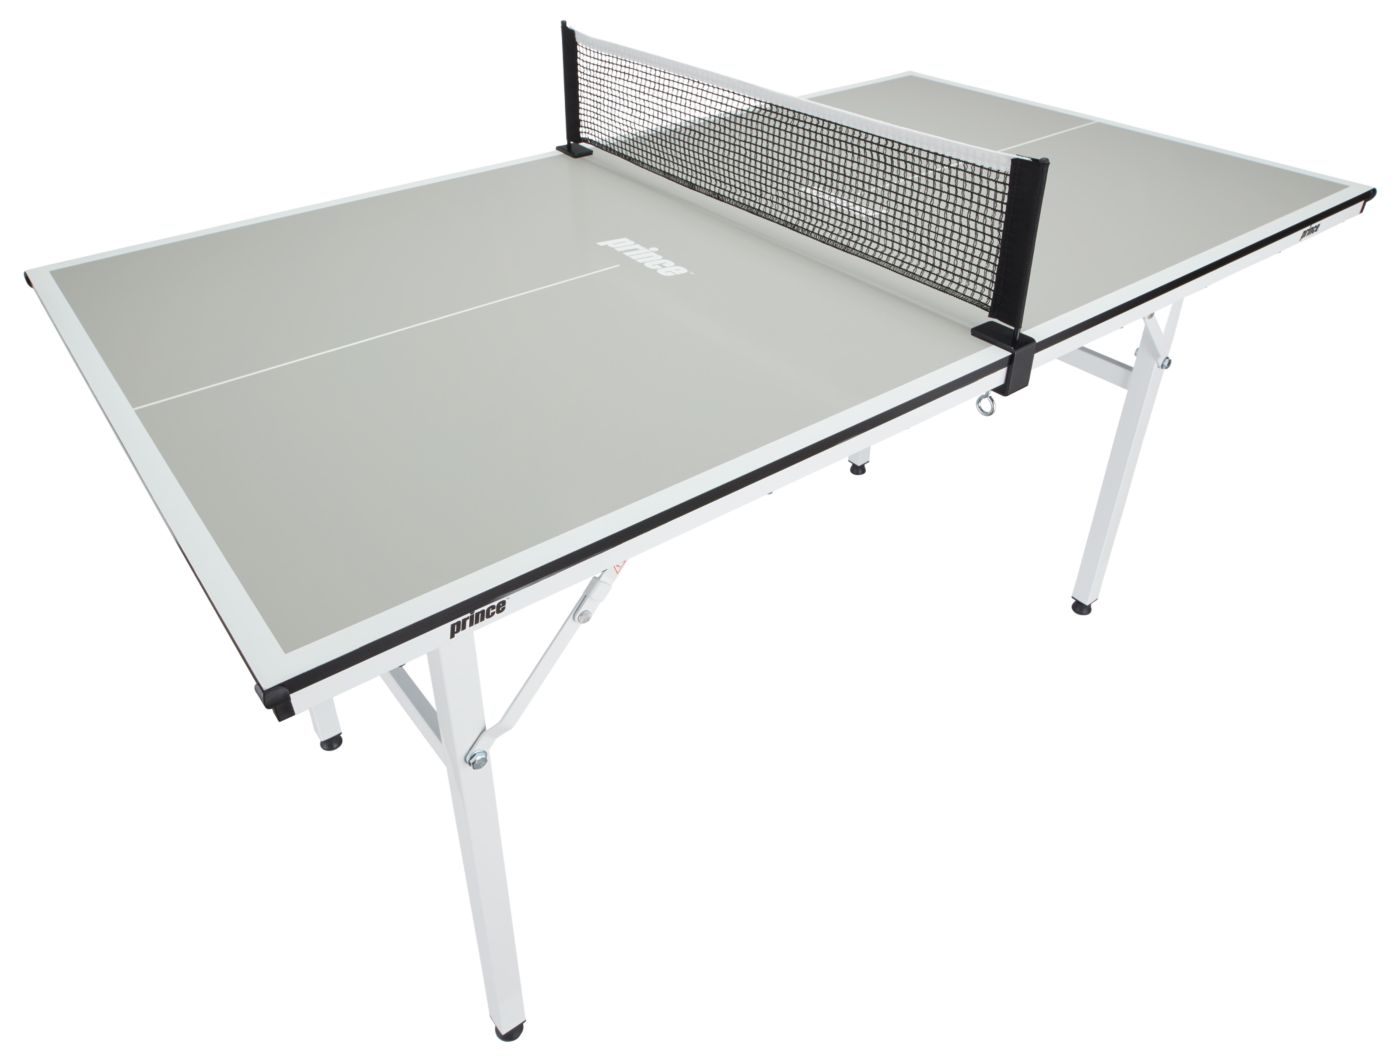 Prince Half Pint Table Tennis Table